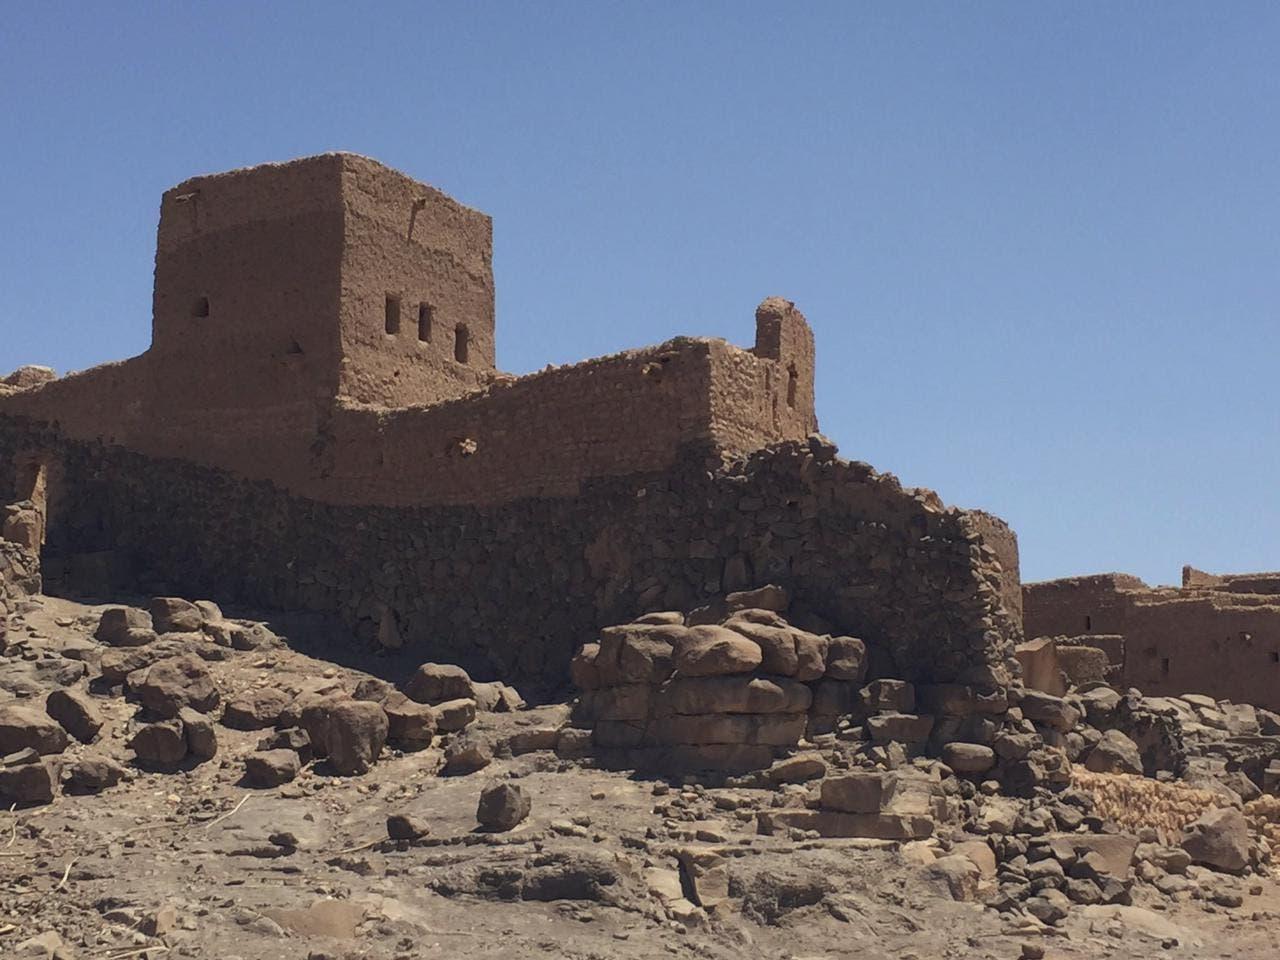 سعودی فوٹو گرافر اور آثار قدیمہ کےامور کے ماہر عبدالالہ الفارس نے 'فدک' شہر کے تاریخی مقامات کی سیاحت کے دوران بعض مقامات کو اپنے کیمرے میں محفوظ کیا۔